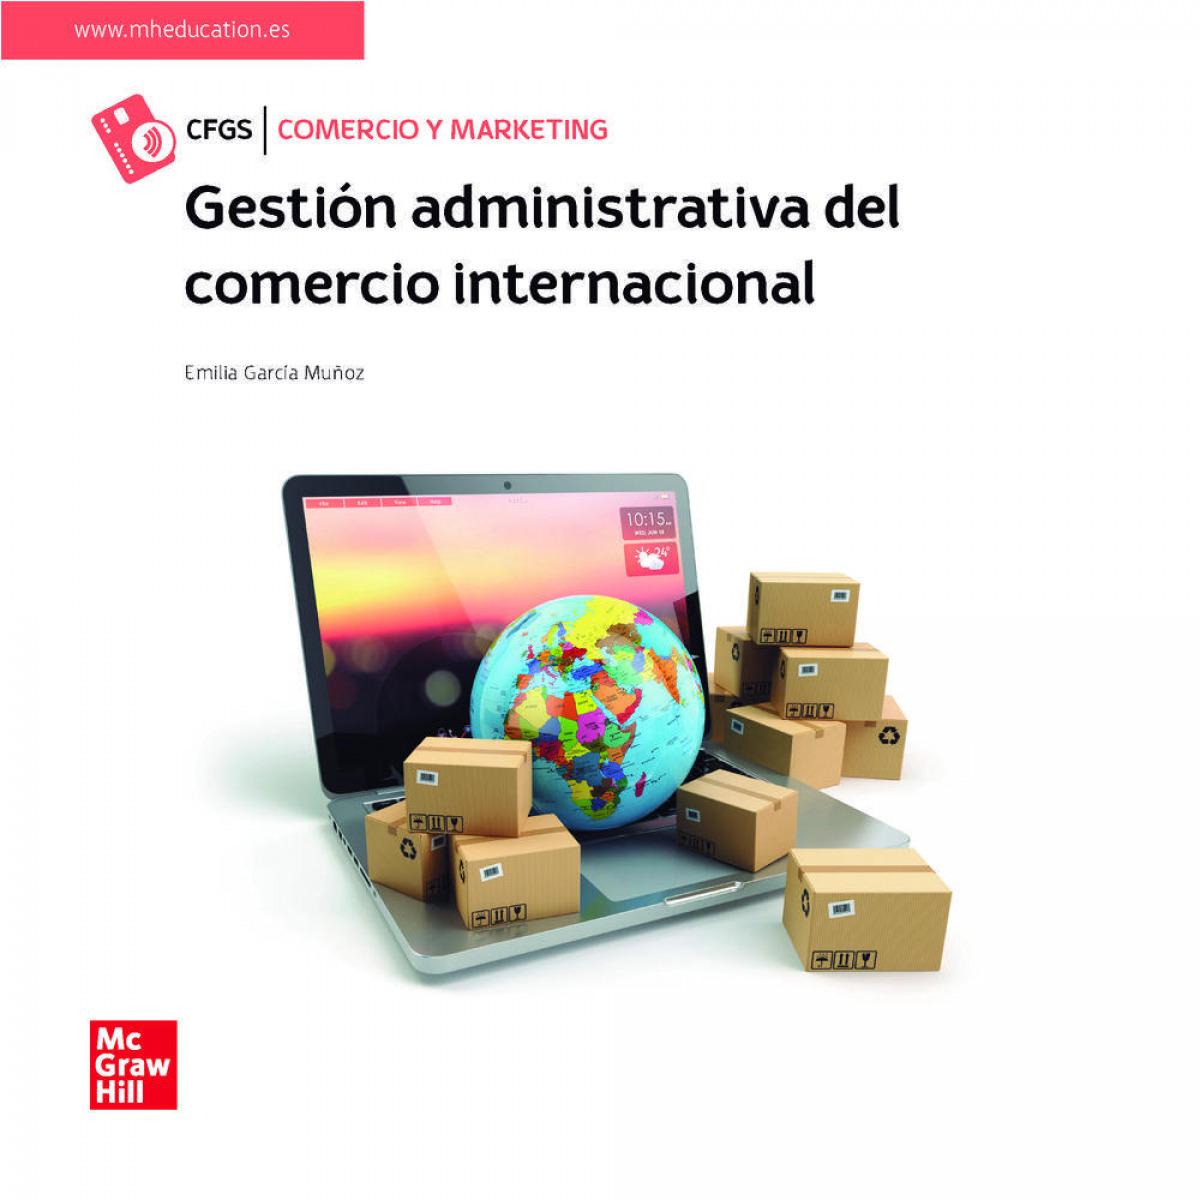 Gestion administrativa del comercio internac. CF GS LA